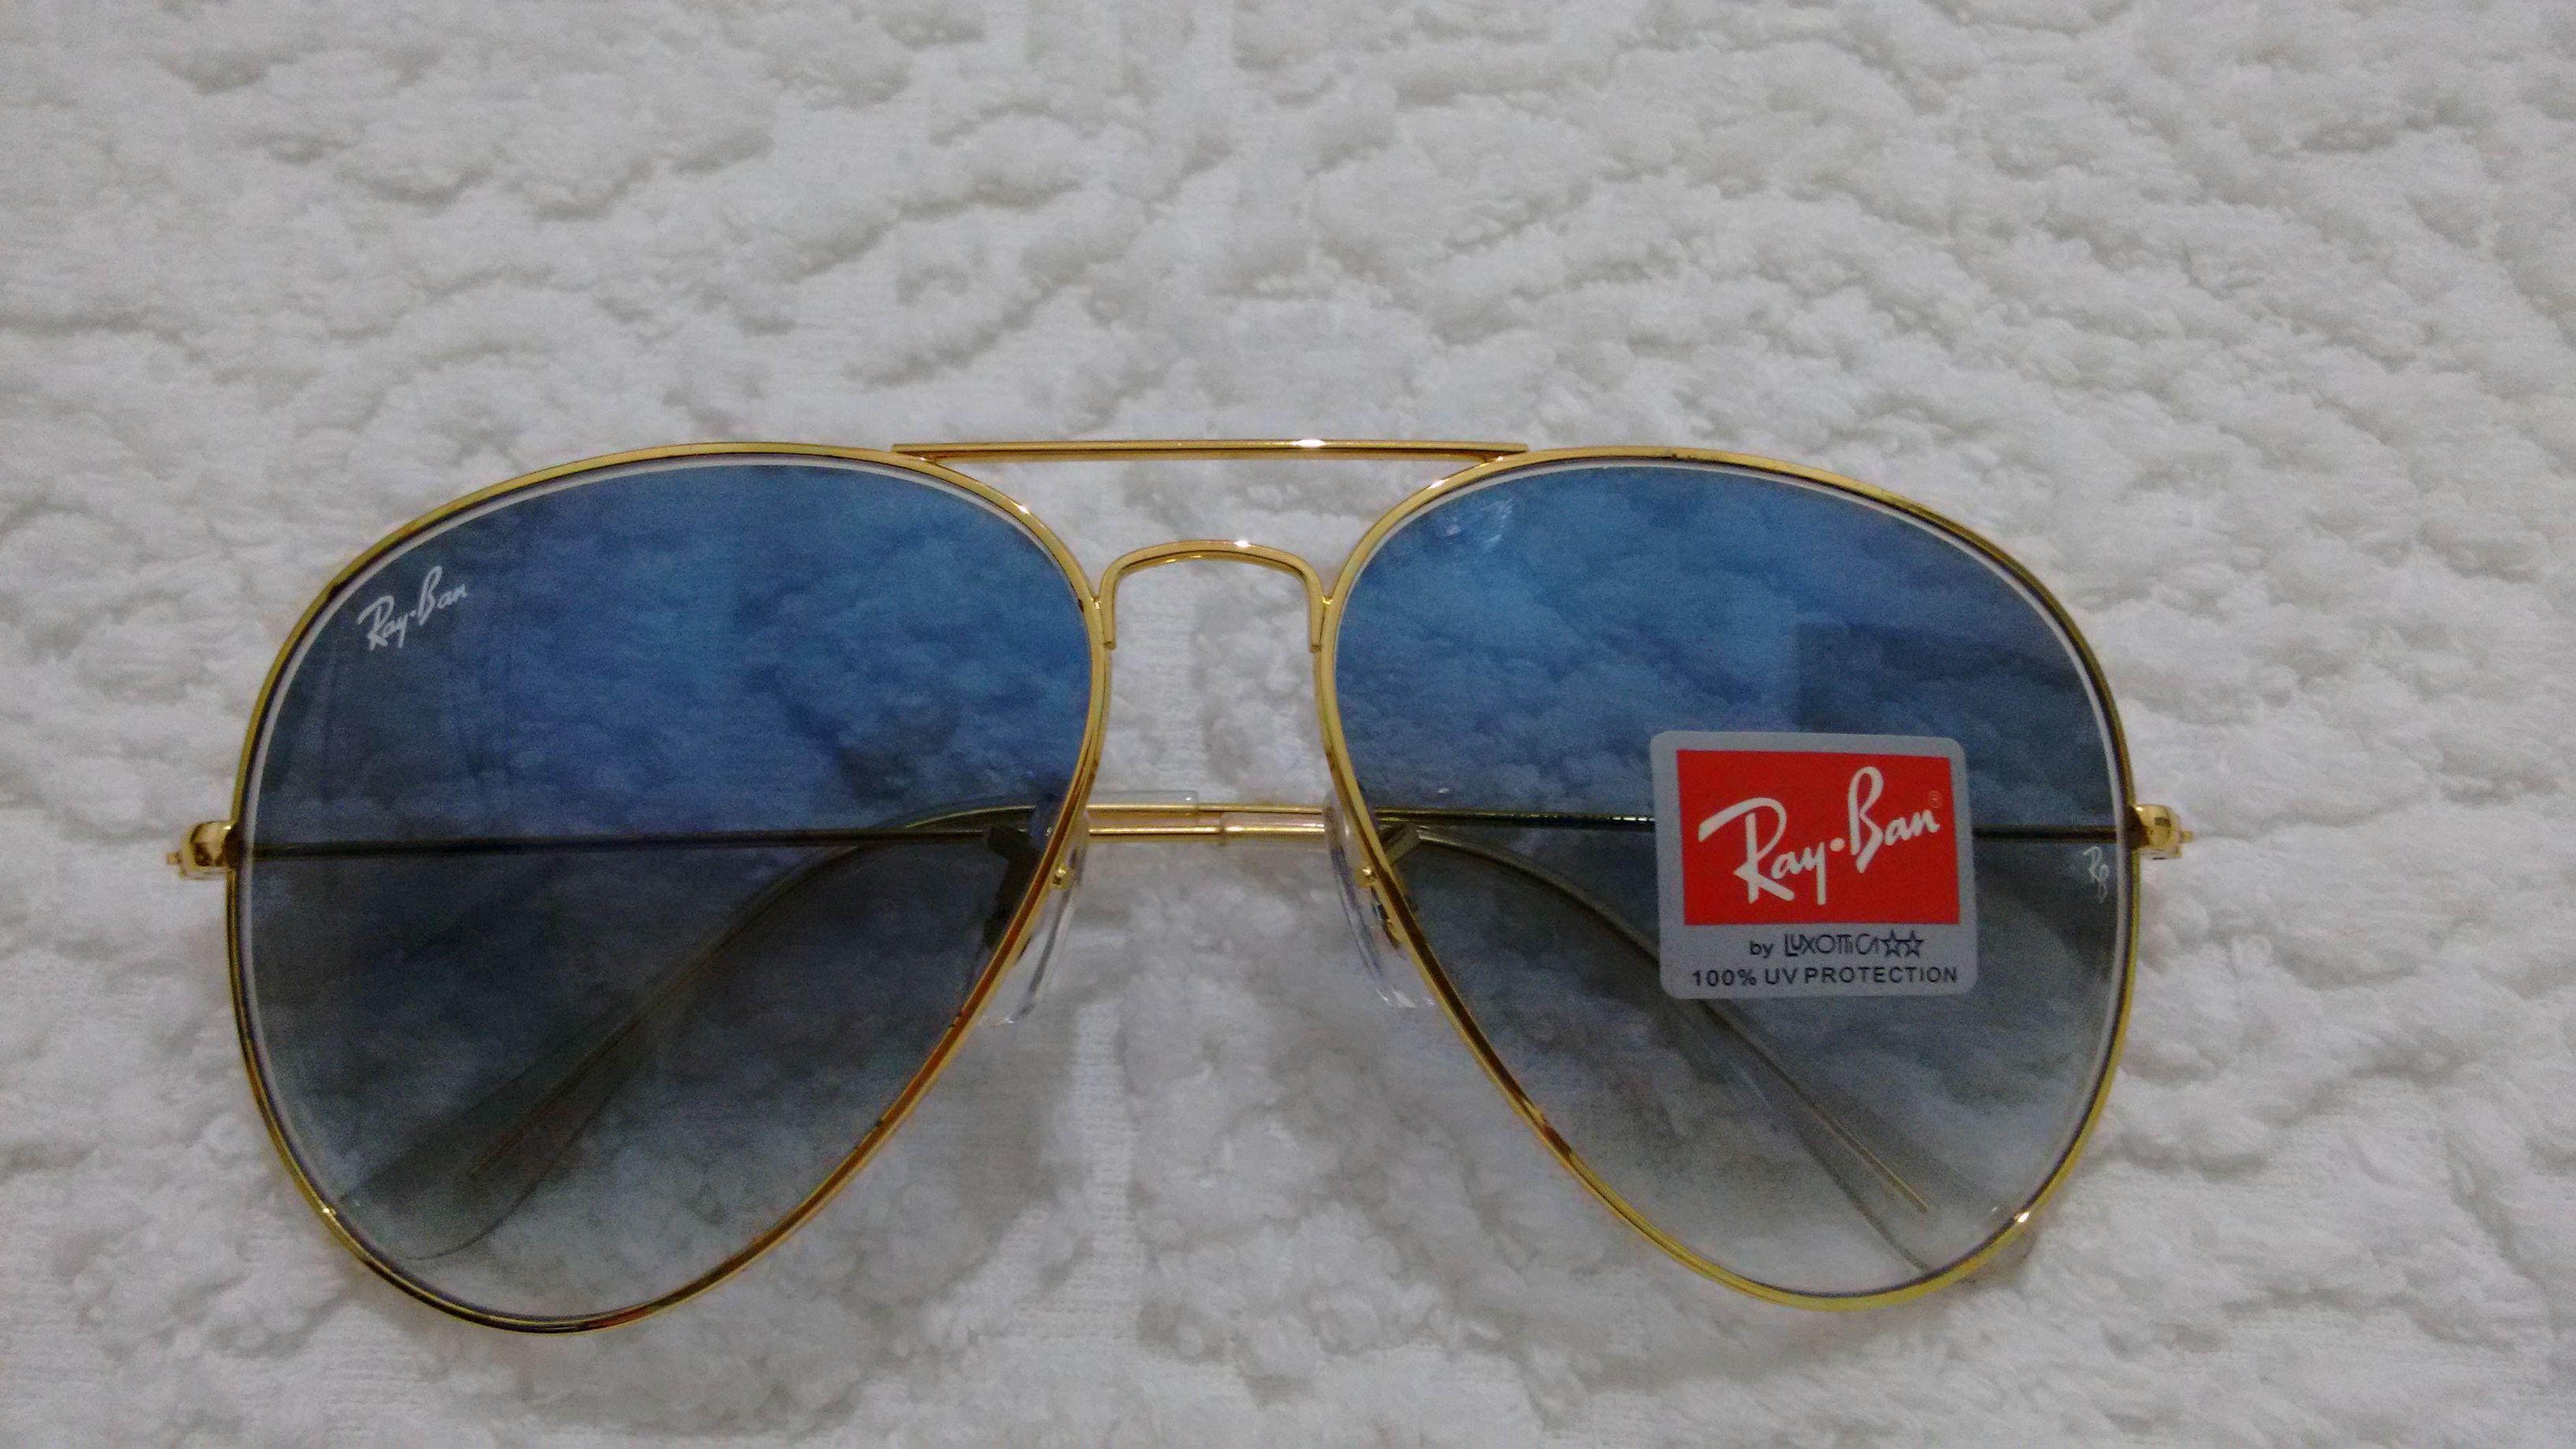 bdf510aa0 Óculos Ray ban aviador azul degradê whatsapp 75991182115   Óculos ...